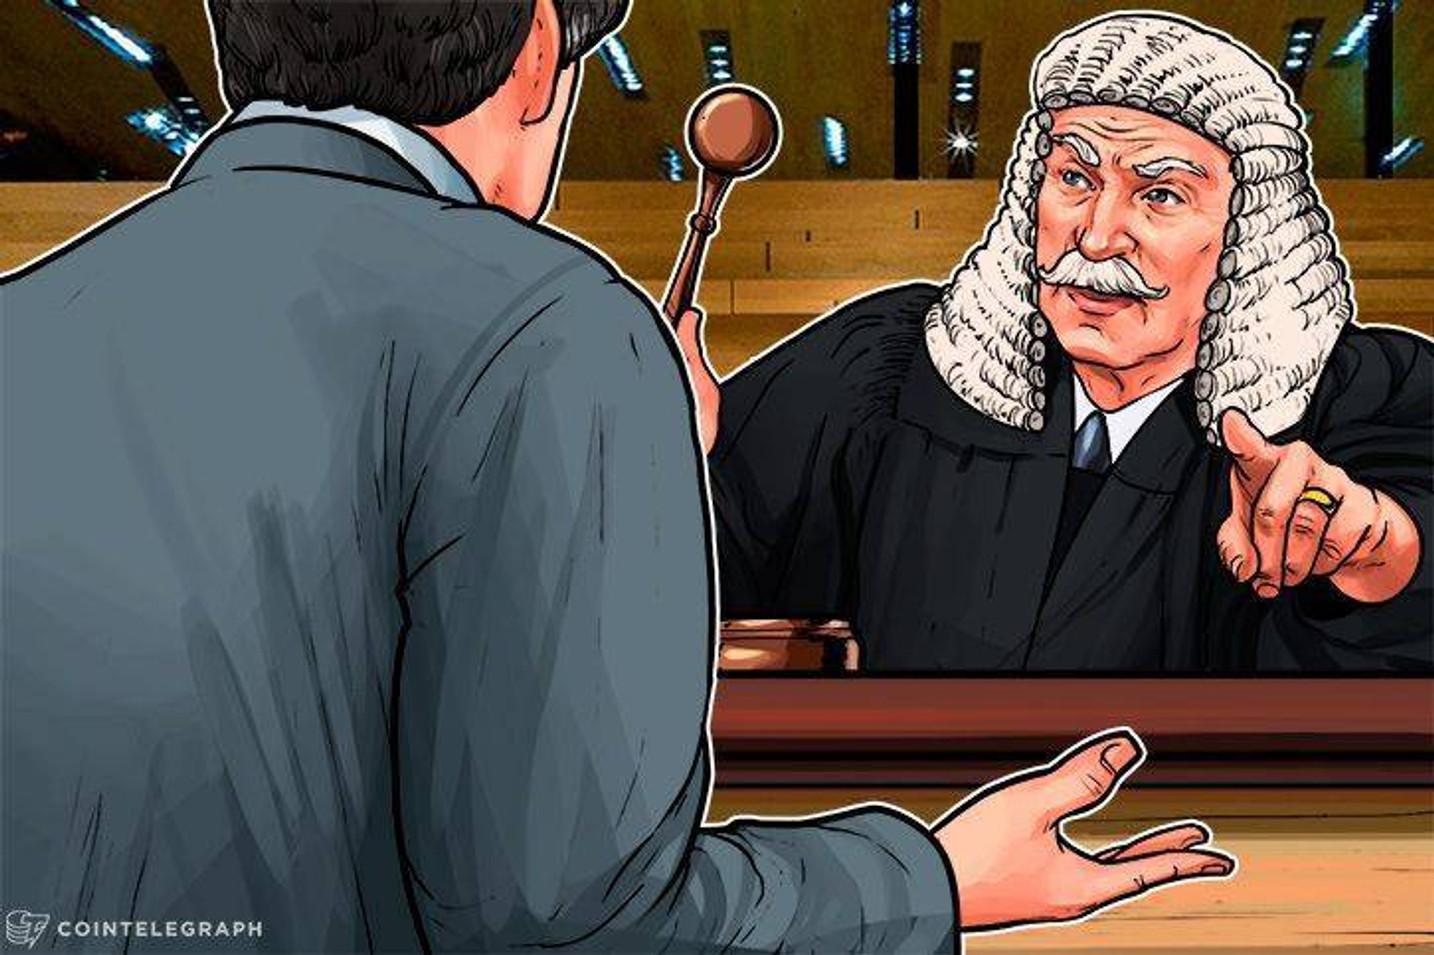 الهند: المحكمة العليا ترفض الأمر القضائي المؤقت ضد قيود بنك الاحتياطي الهندي